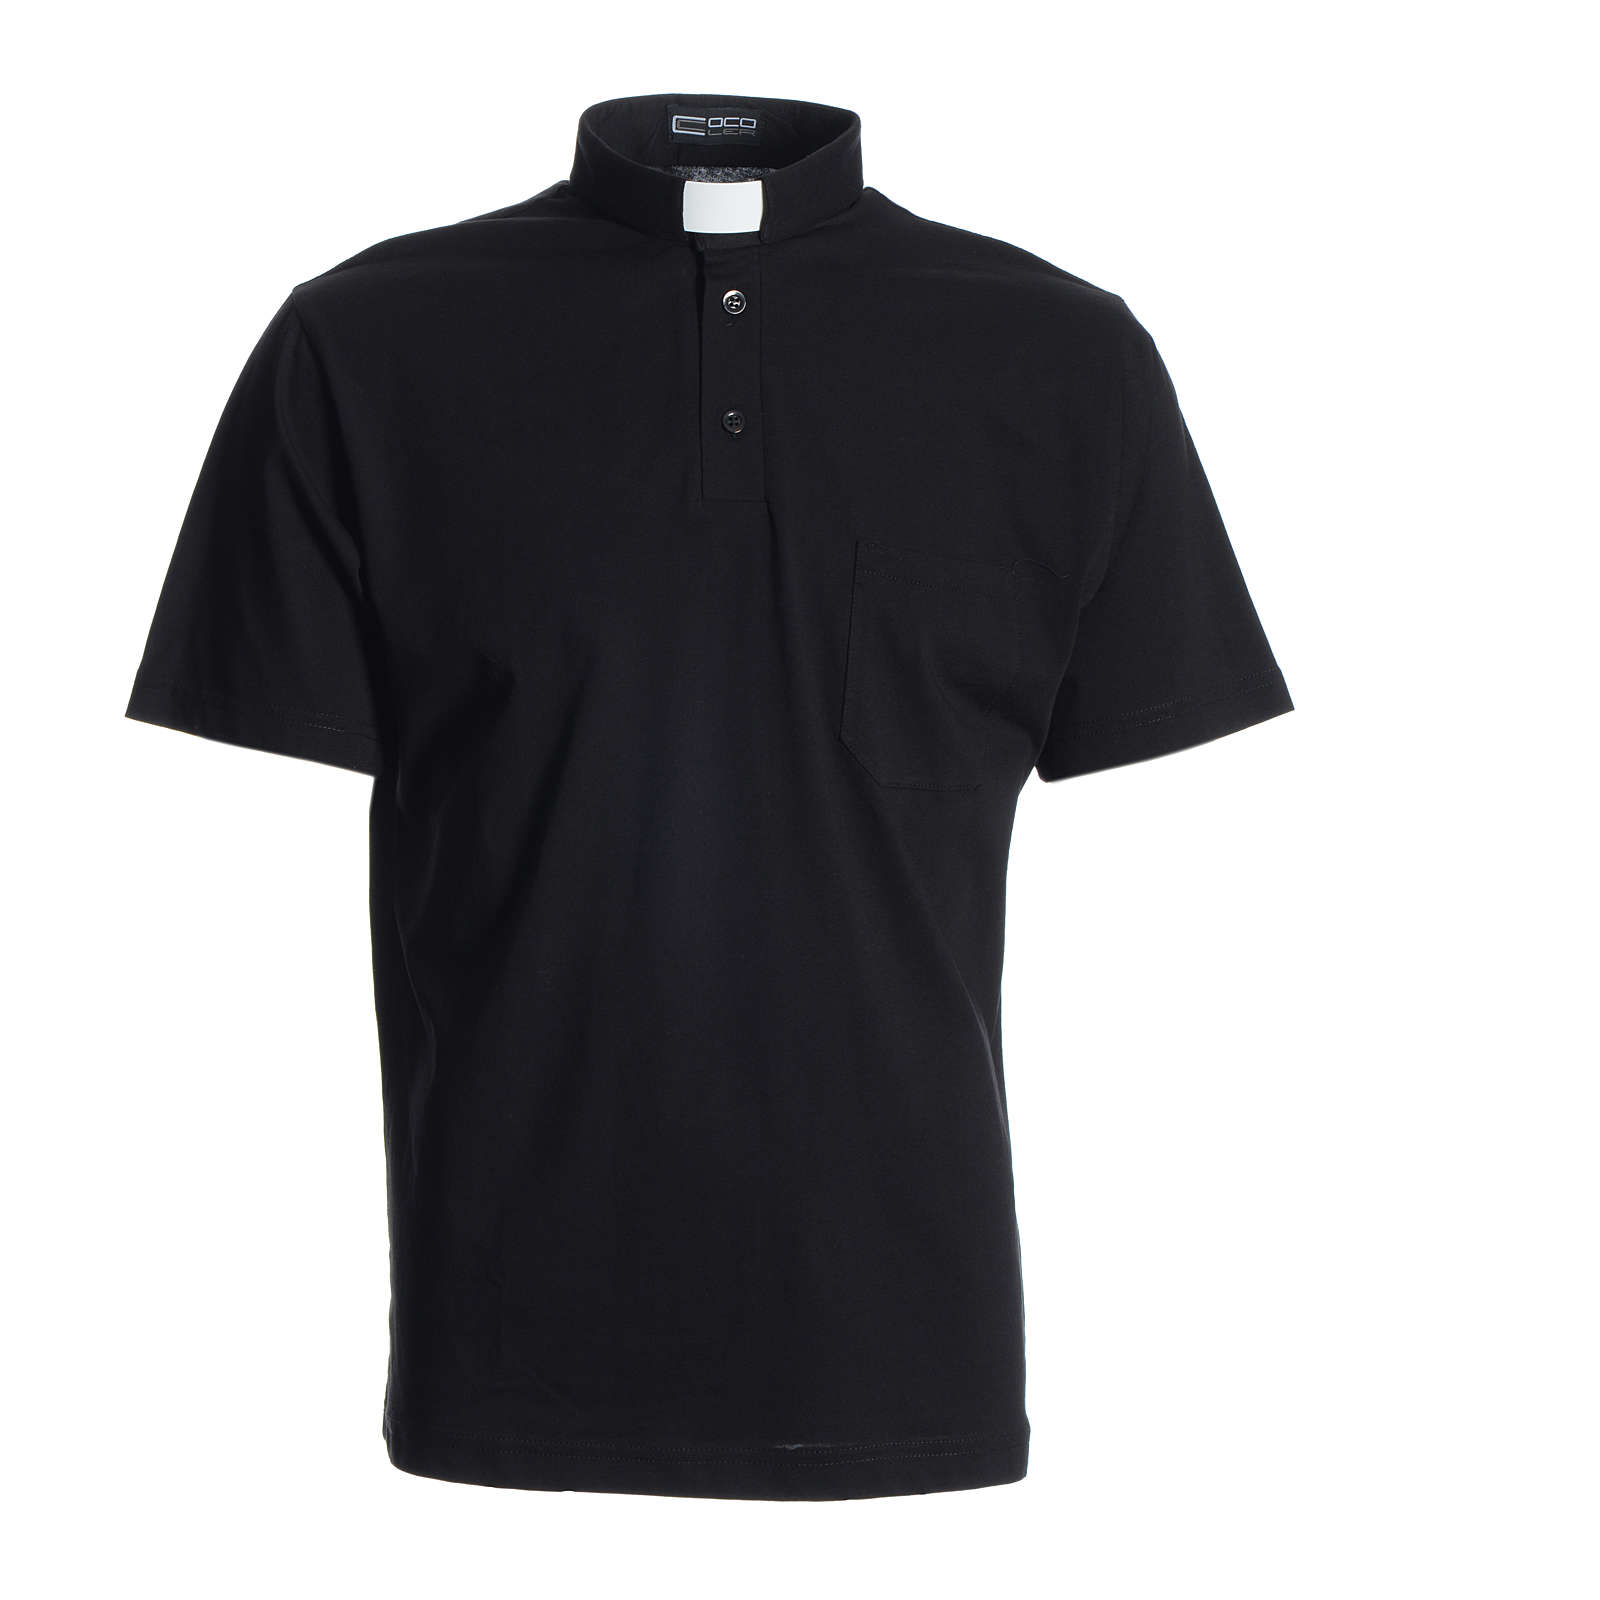 Camisa polo clergy preto 100% algodão 4